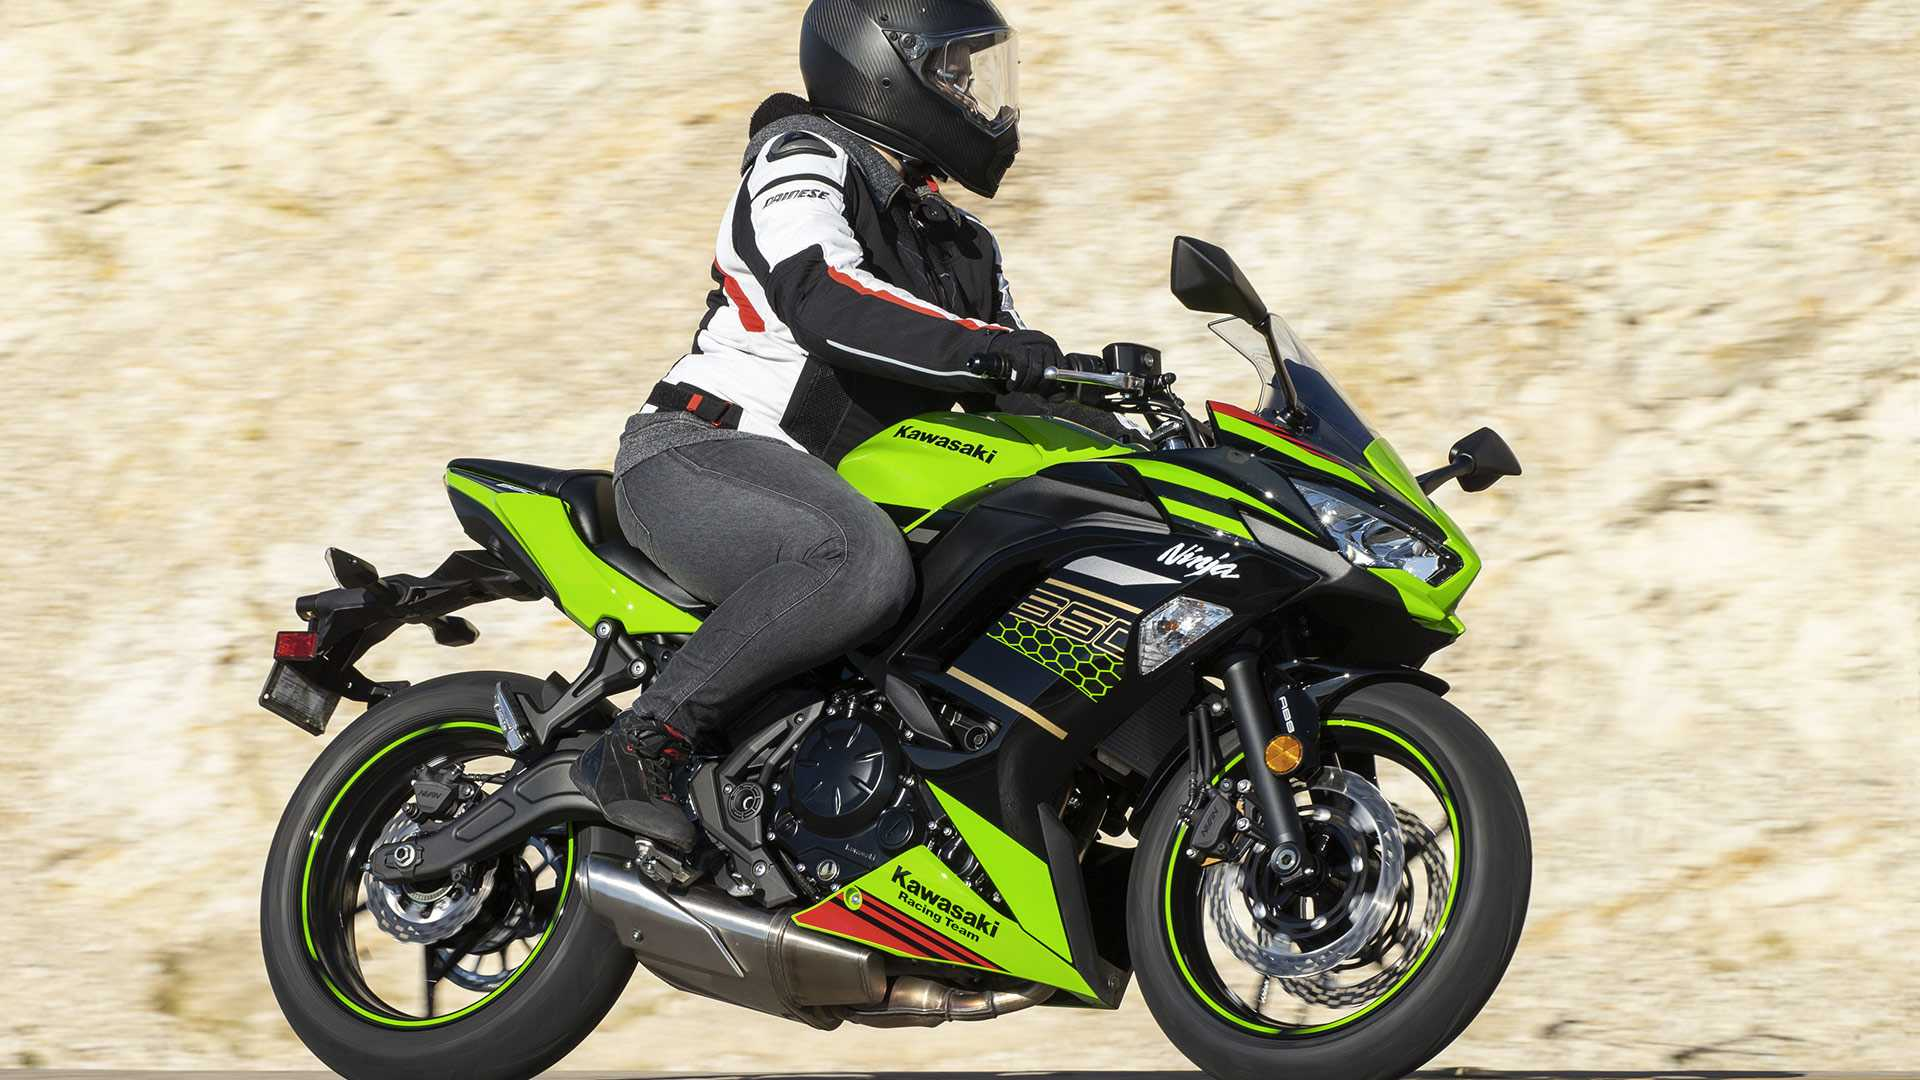 First Ride Review 2020 Kawasaki Ninja 650 Abs Krt Edition